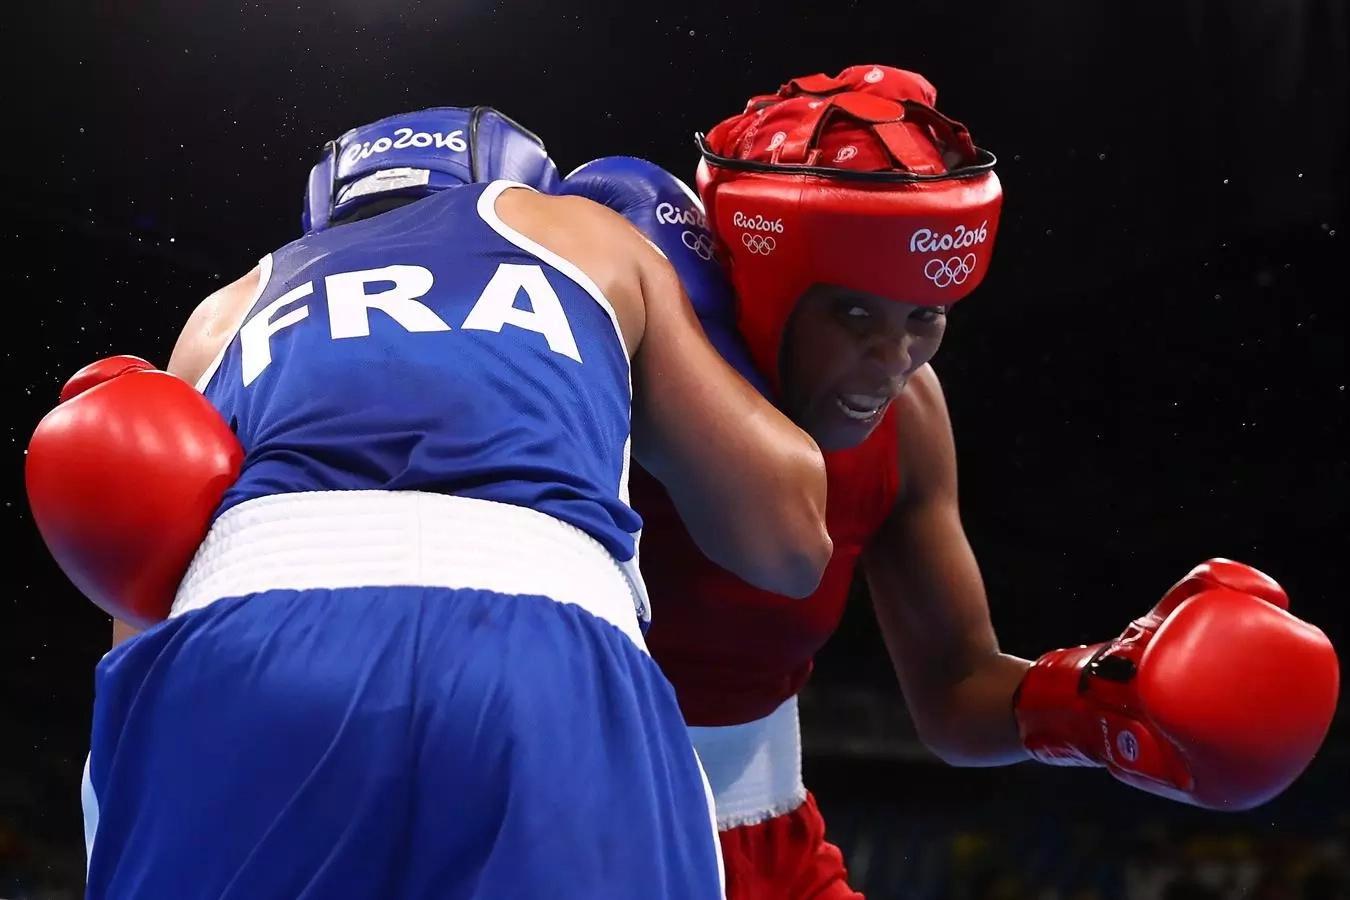 ¡Otra medalla para Colombia! Bronce en el boxeo olímpico